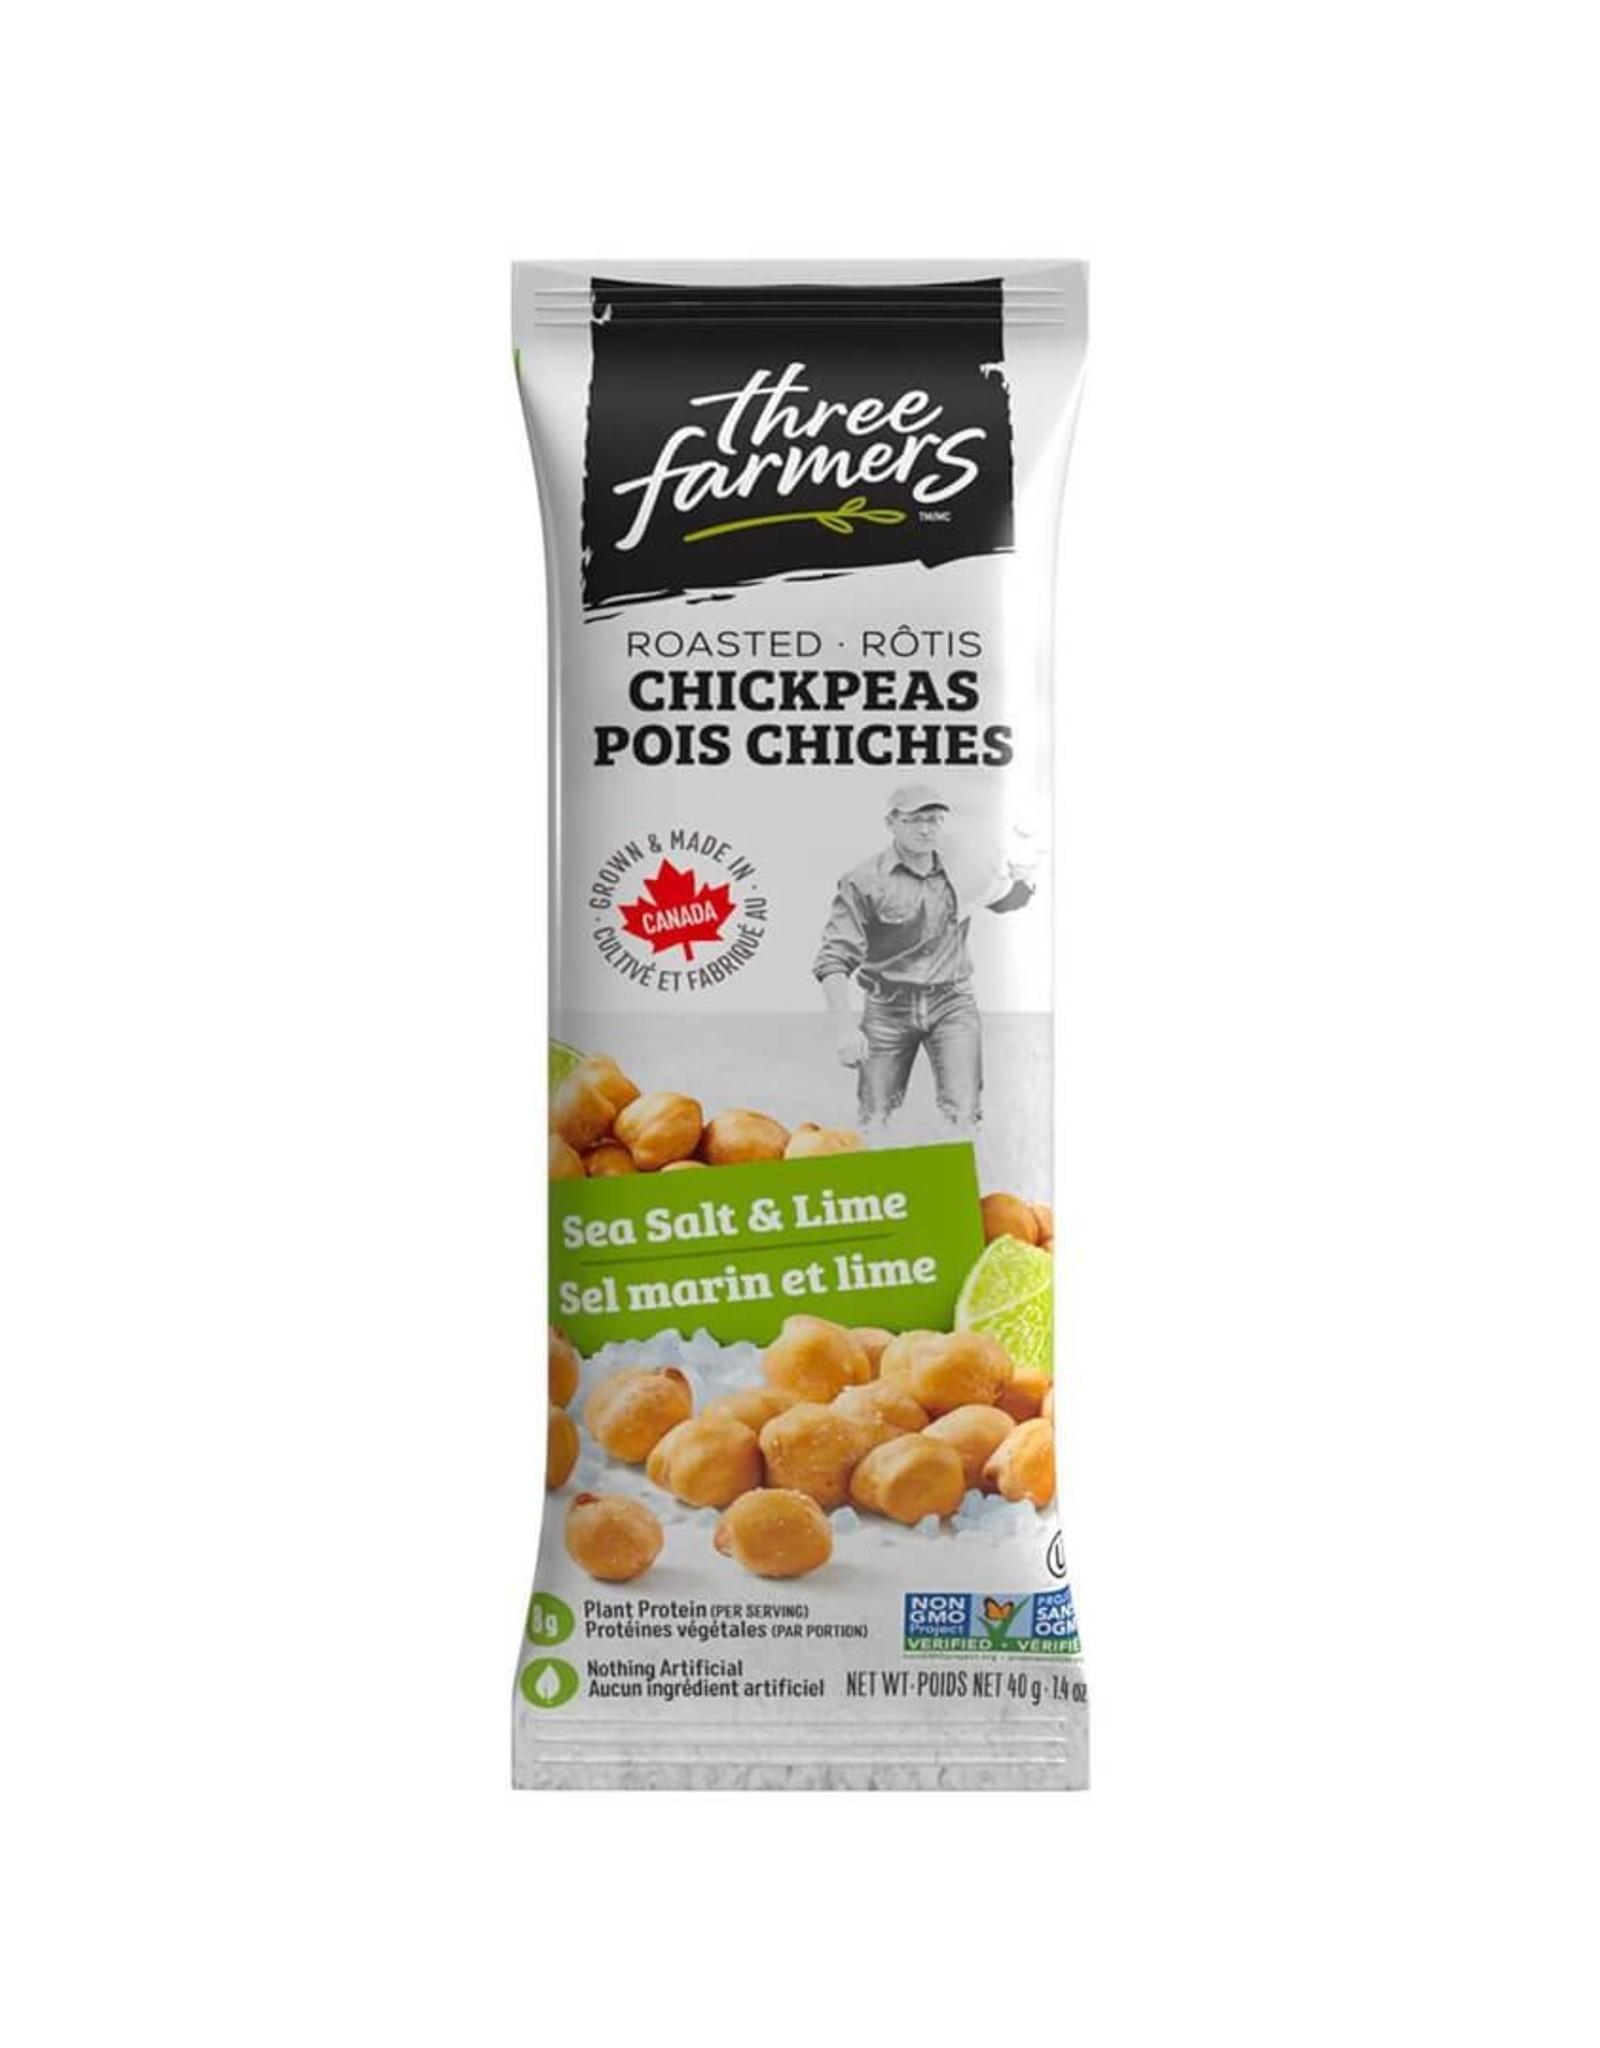 Three Farmers Three Farmers - Pois Chiches Rôtis, Sel et Lime (40g)